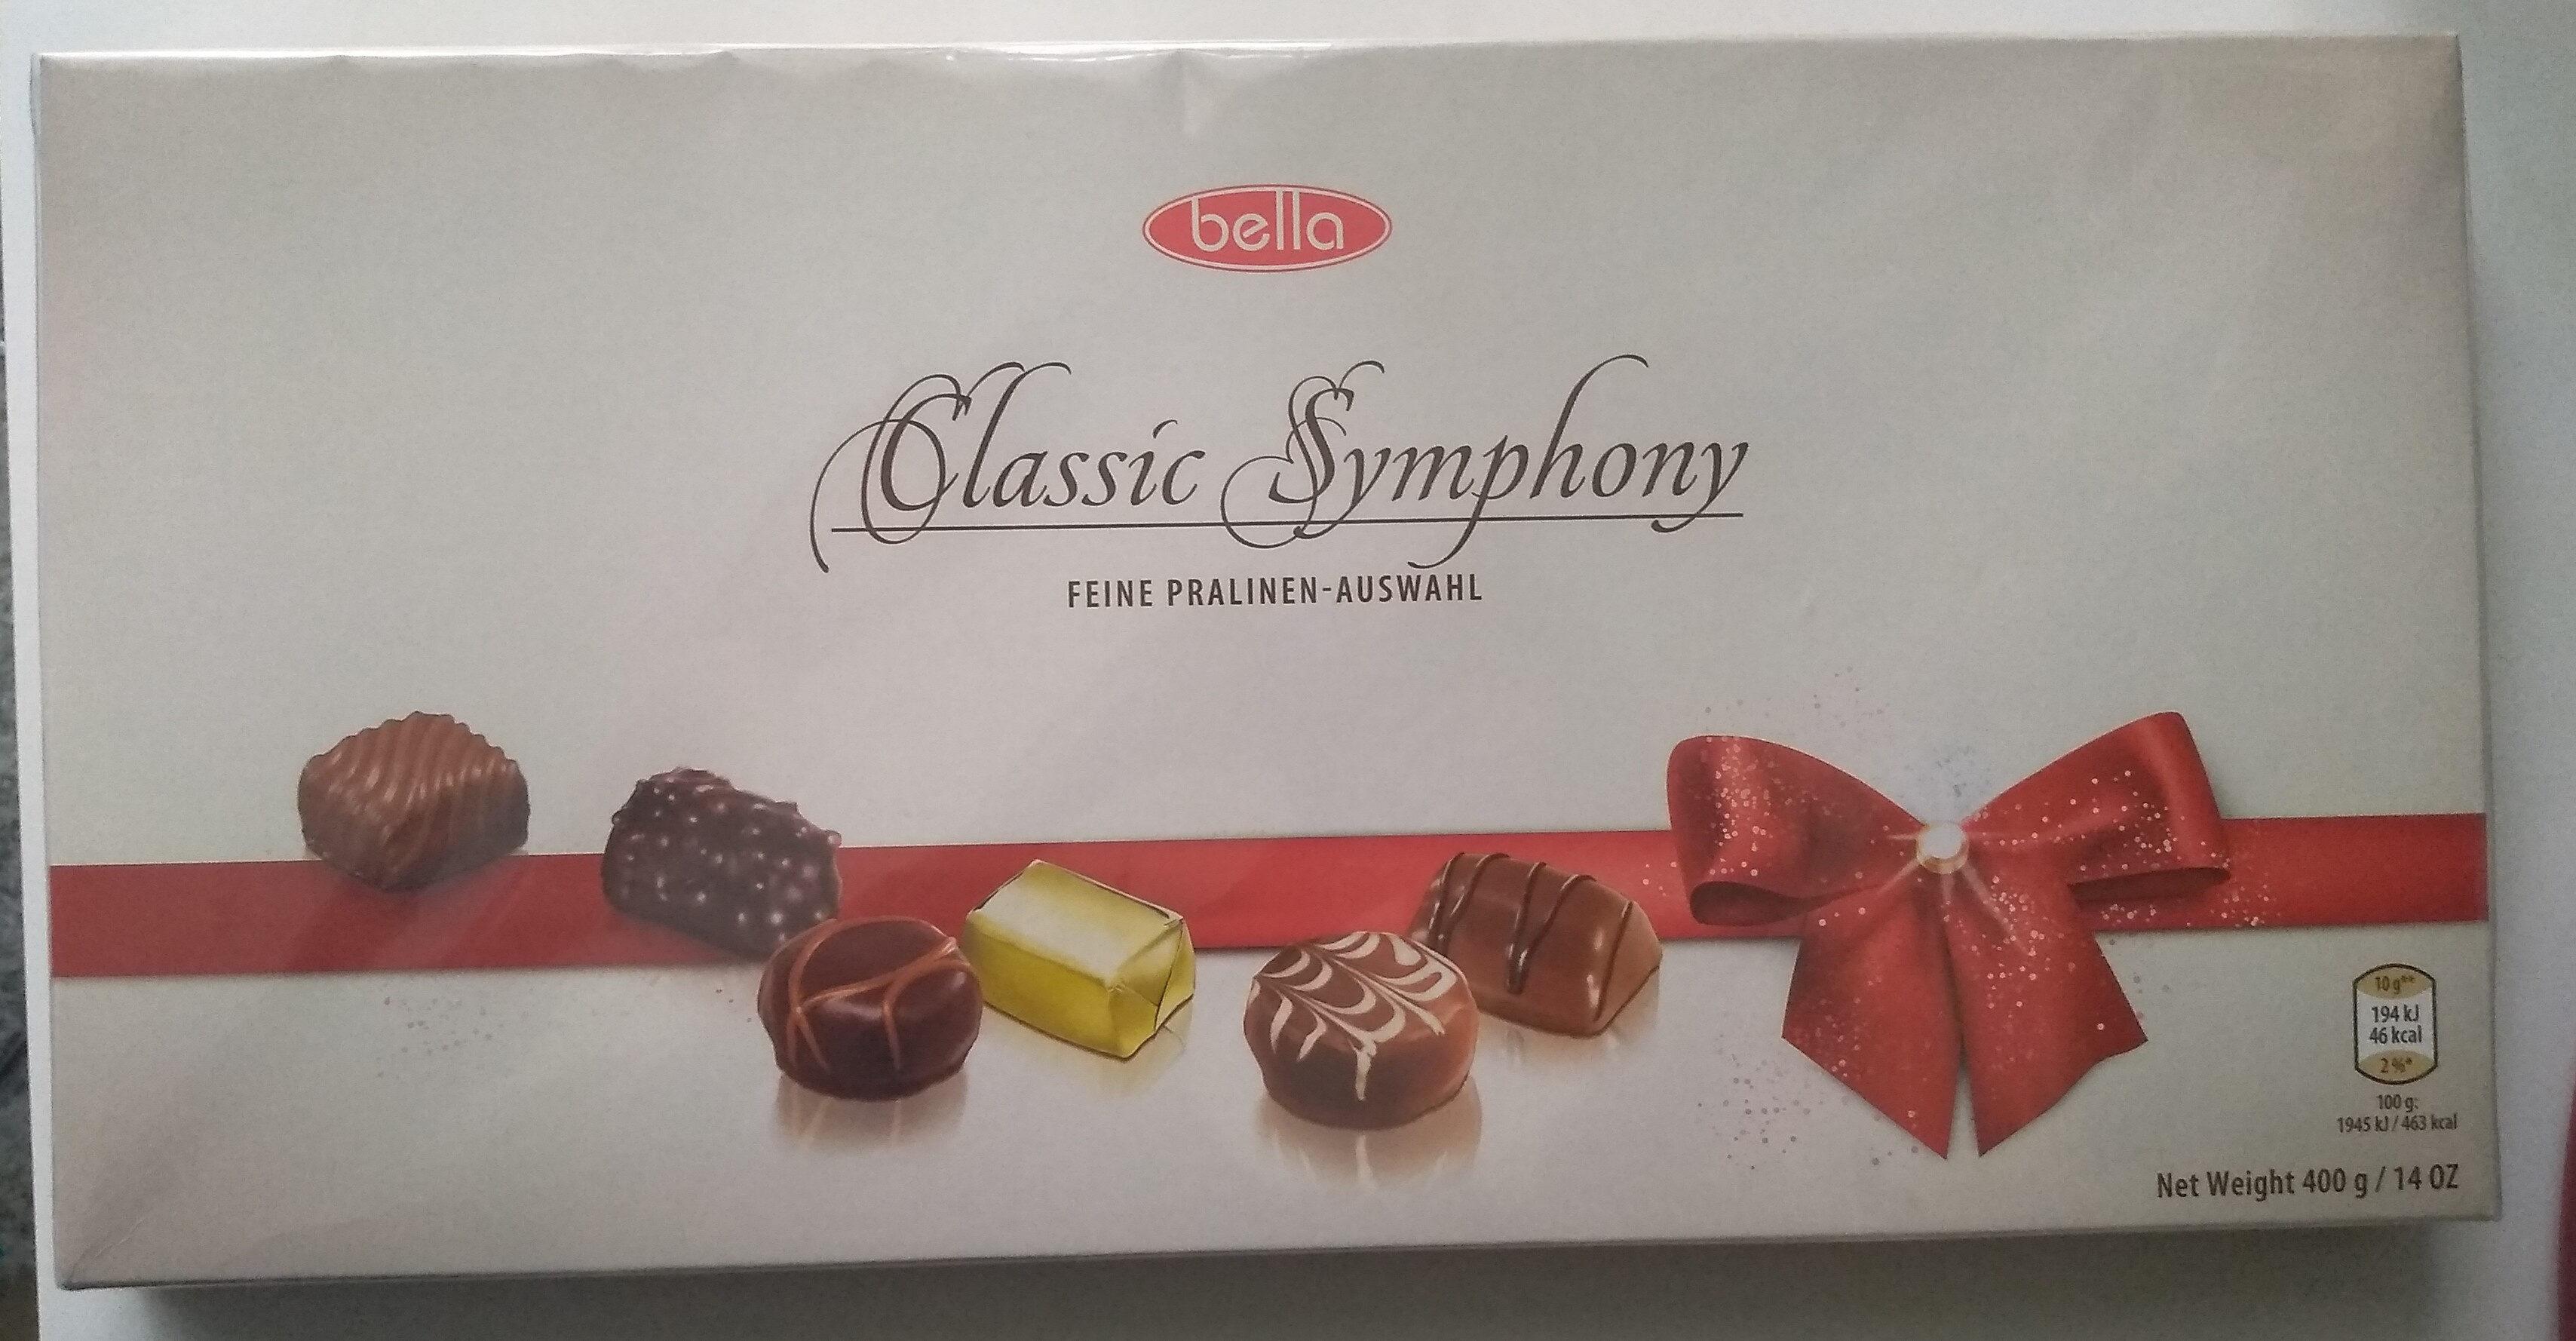 Classic symphony - Produit